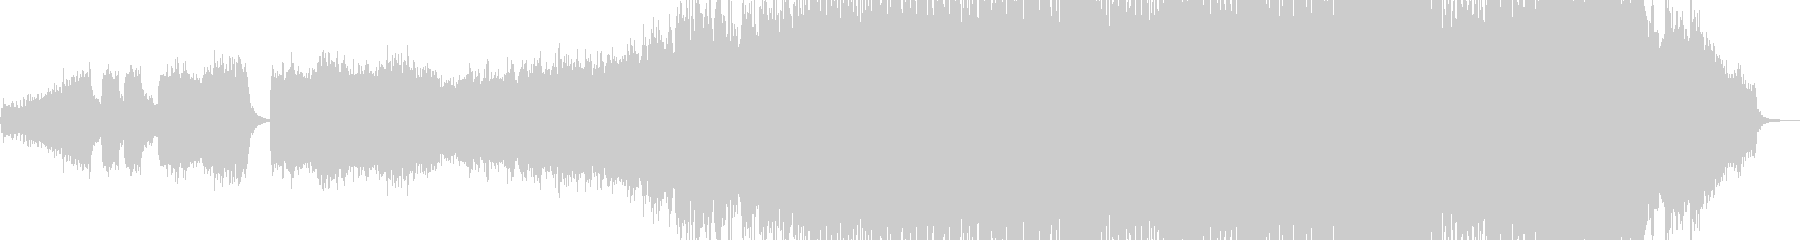 オルガン・幕開け荘厳なロック 長尺+の未再生の波形